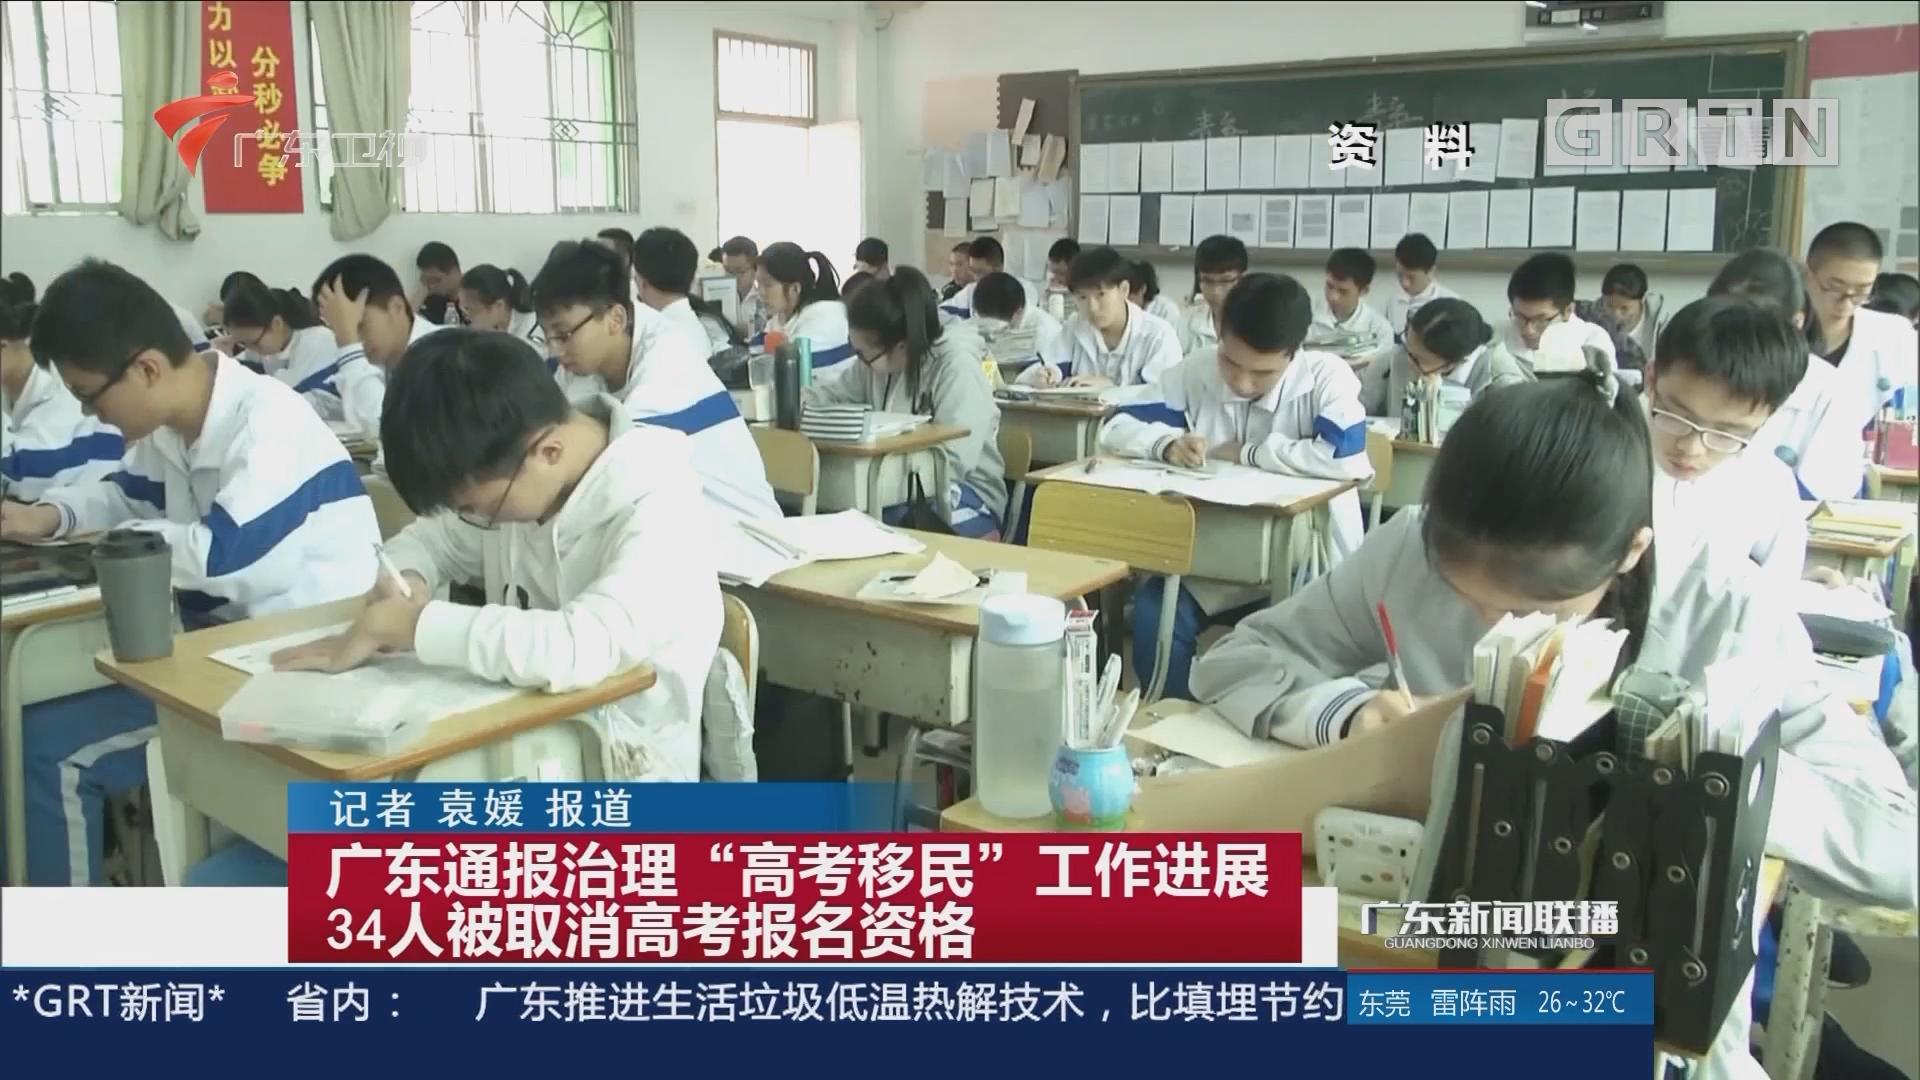 """广东通报治理""""高考移民""""工作进展 34人被取消高考报名资格"""